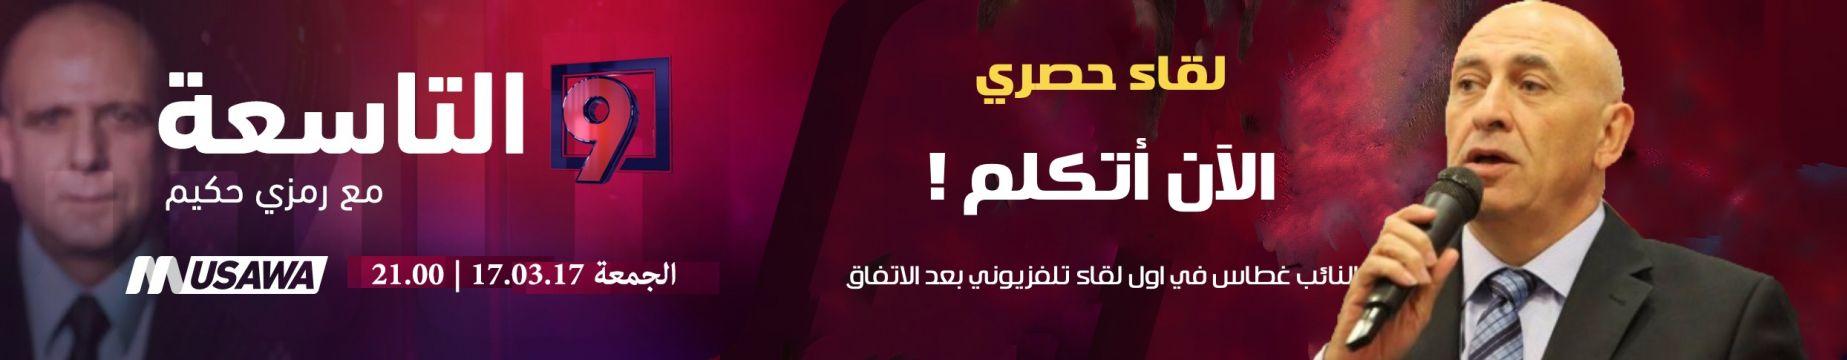 النائب باسل غطاس في لقاء حصري